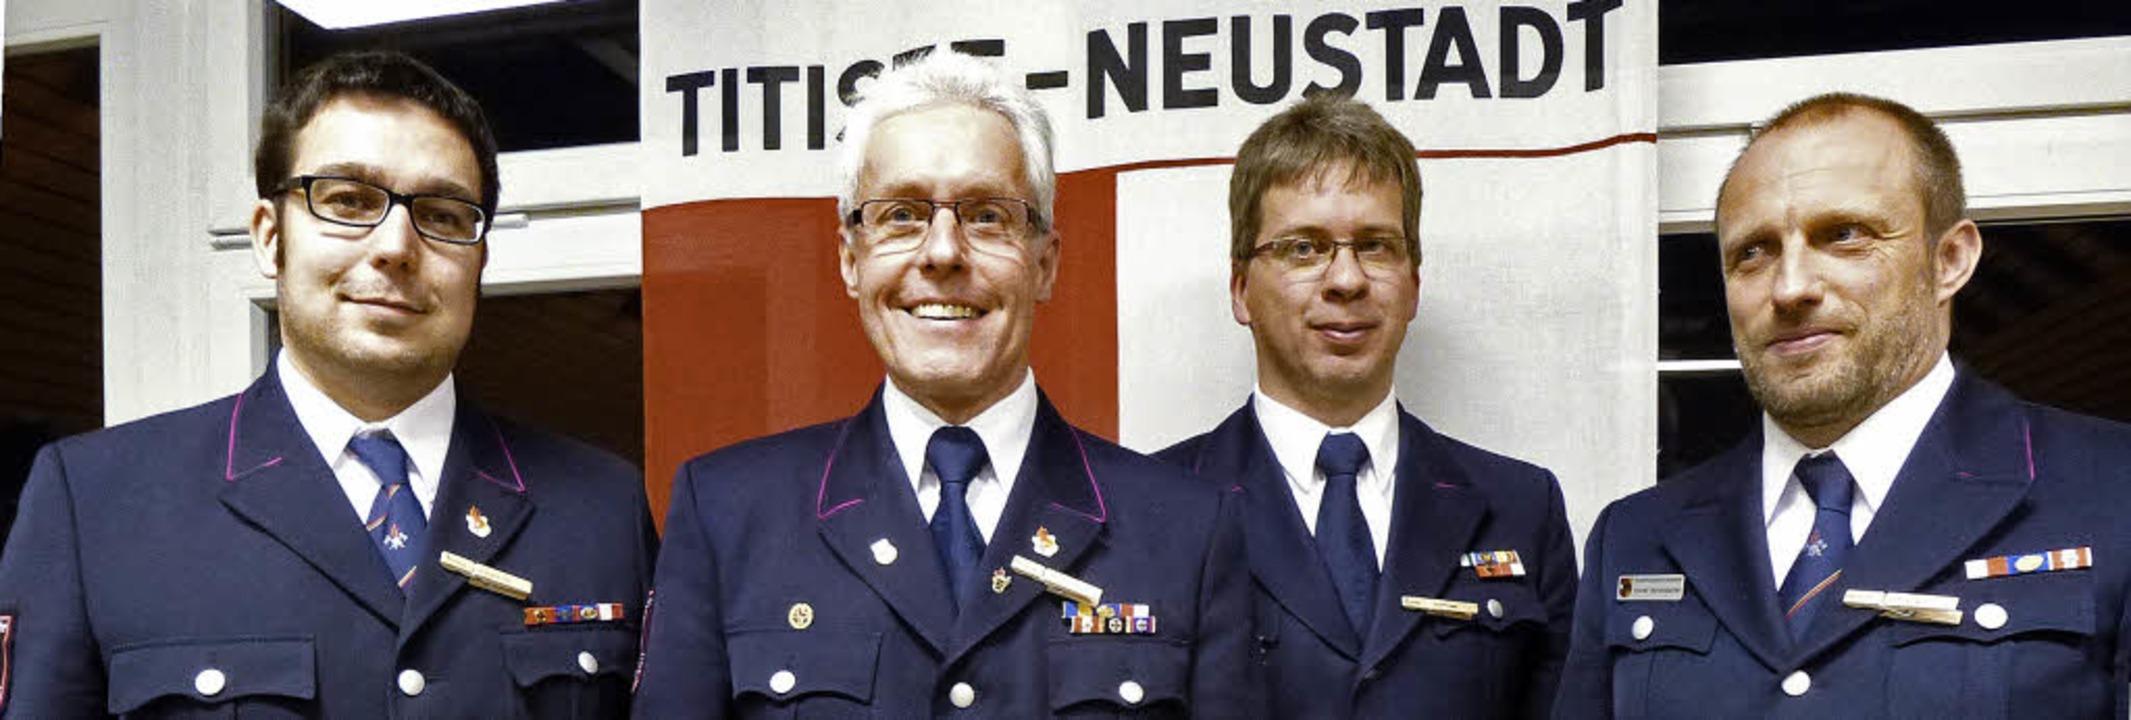 Das neue Kommando der Gesamtfeuerwehr ... mit dem scheidenden Gotthard Benitz.   | Foto: Peter Stellmach